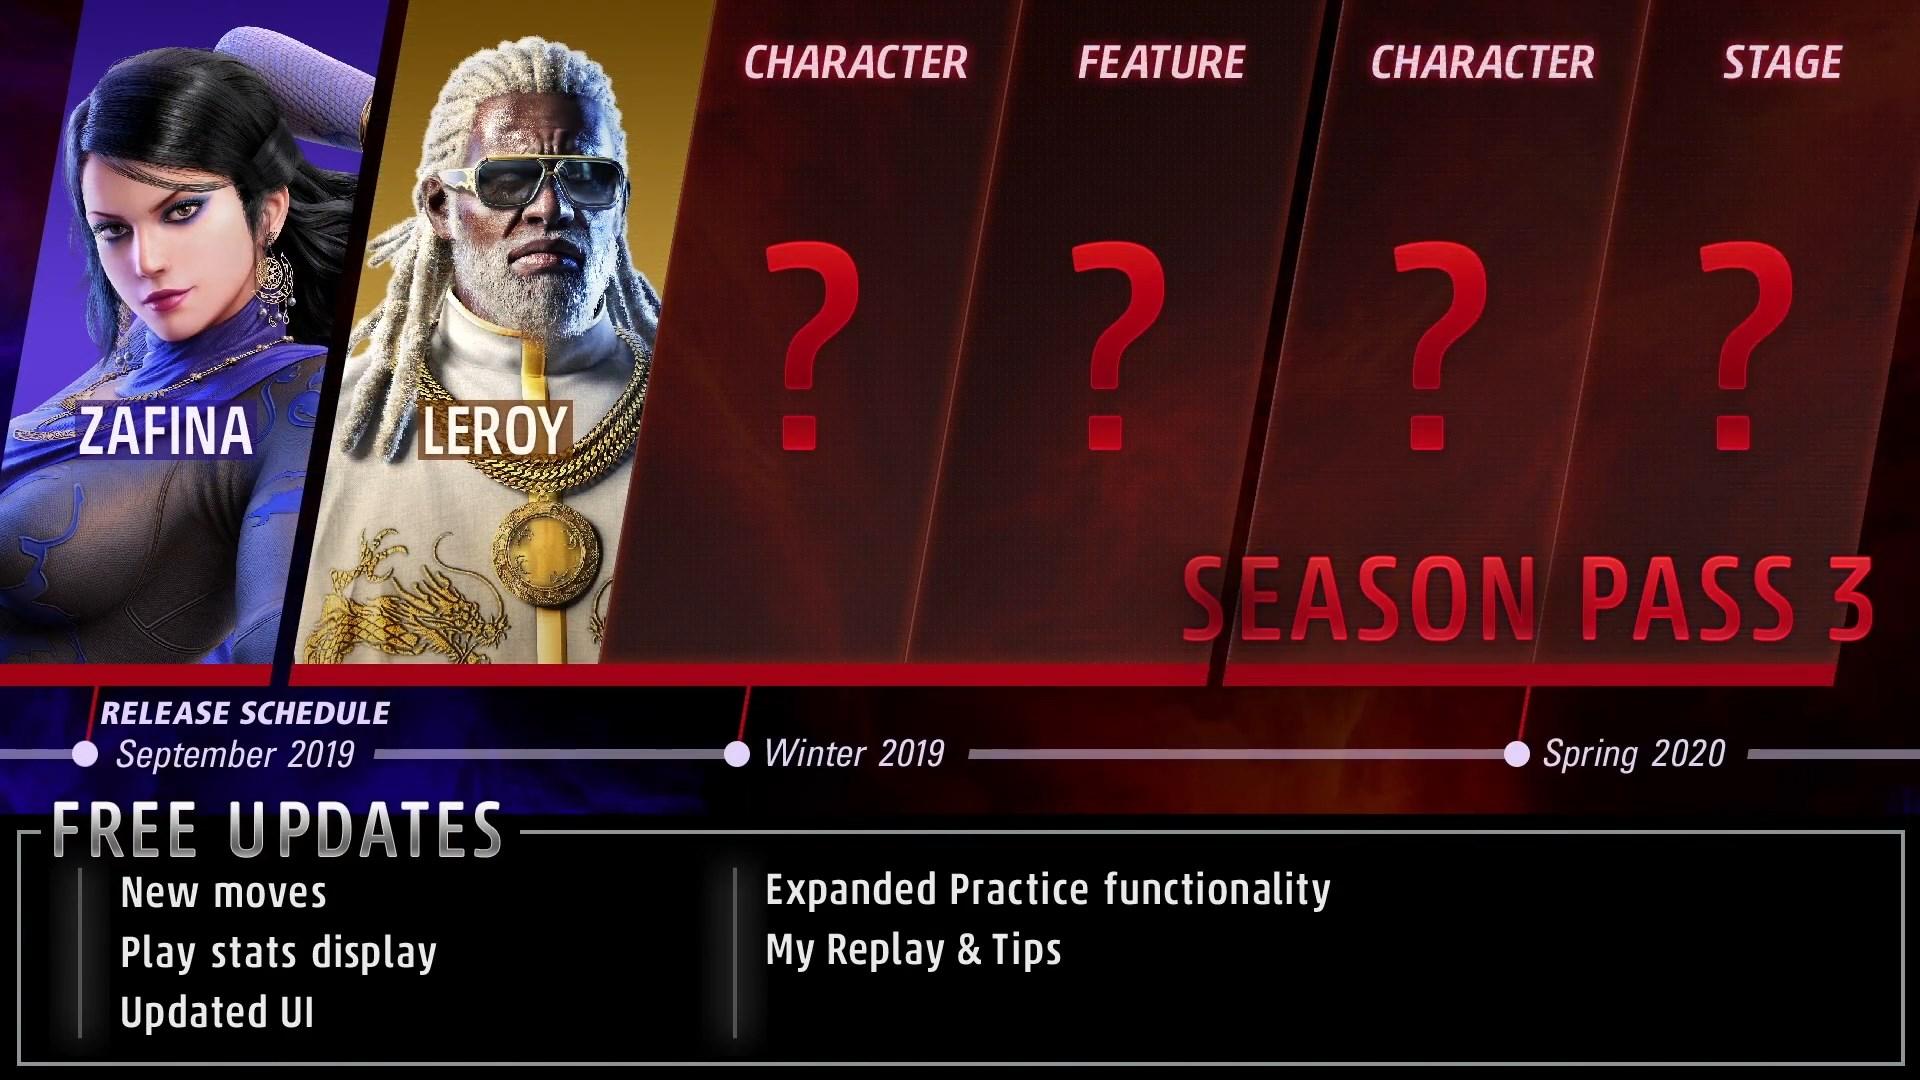 Tekken 7 Season Pass 3